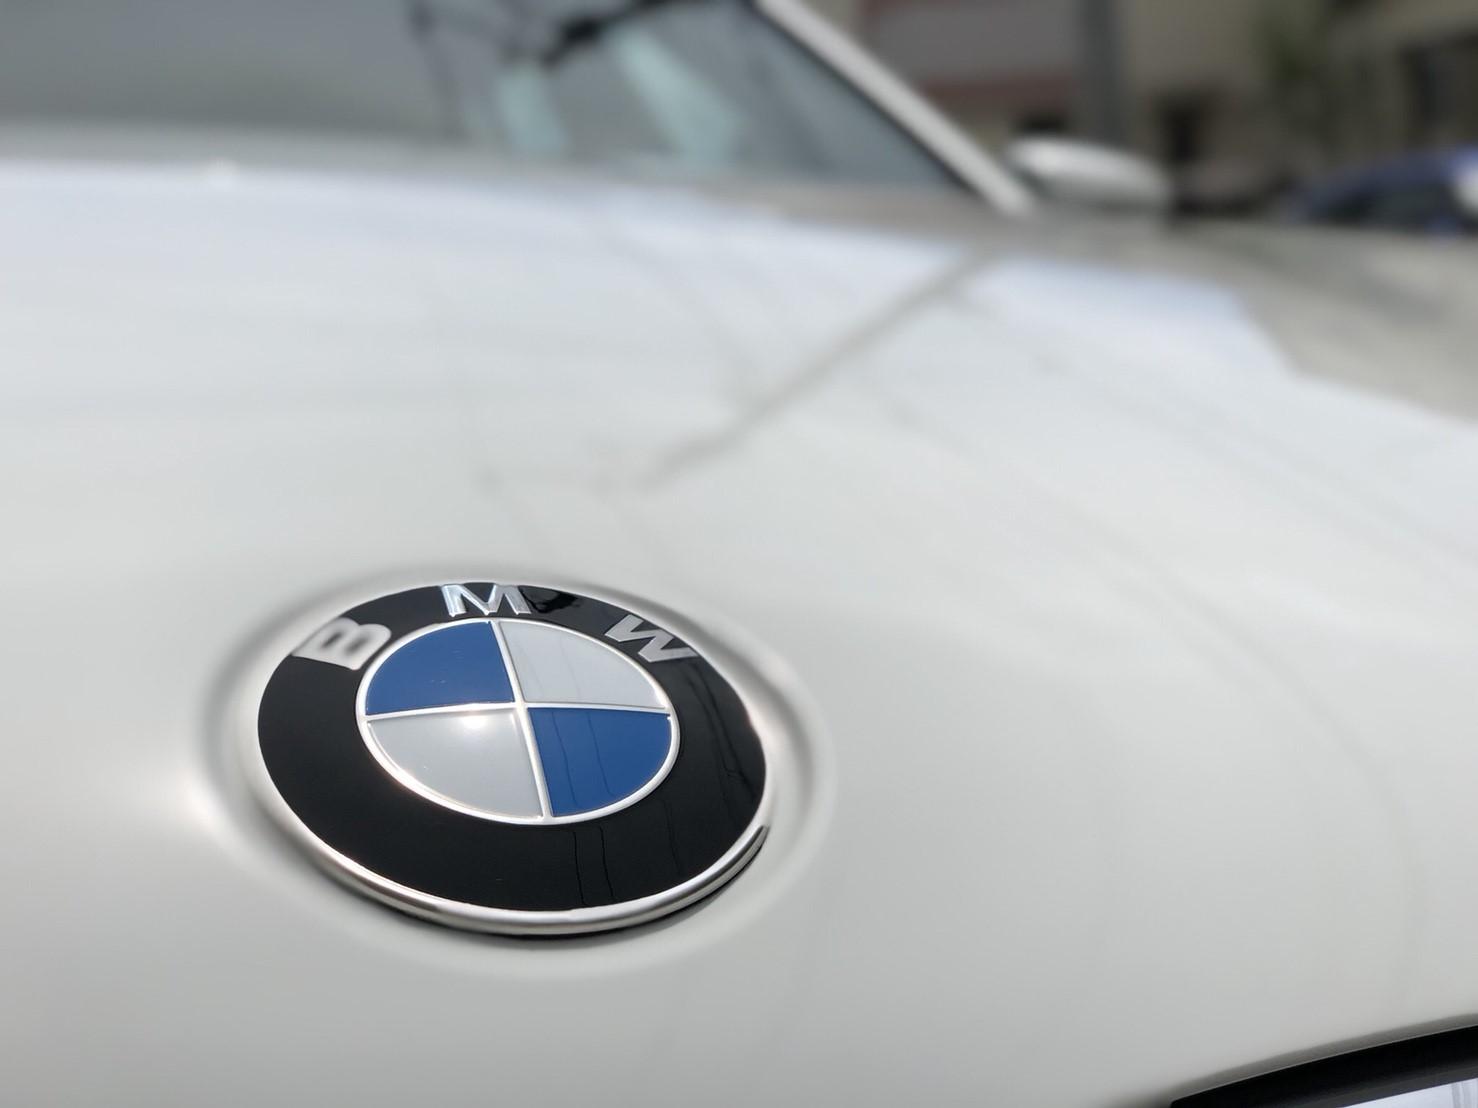 BMW純正コーティングと専門店ガラスコーティングの比較:ガラスコーティングがおすすめの人は?